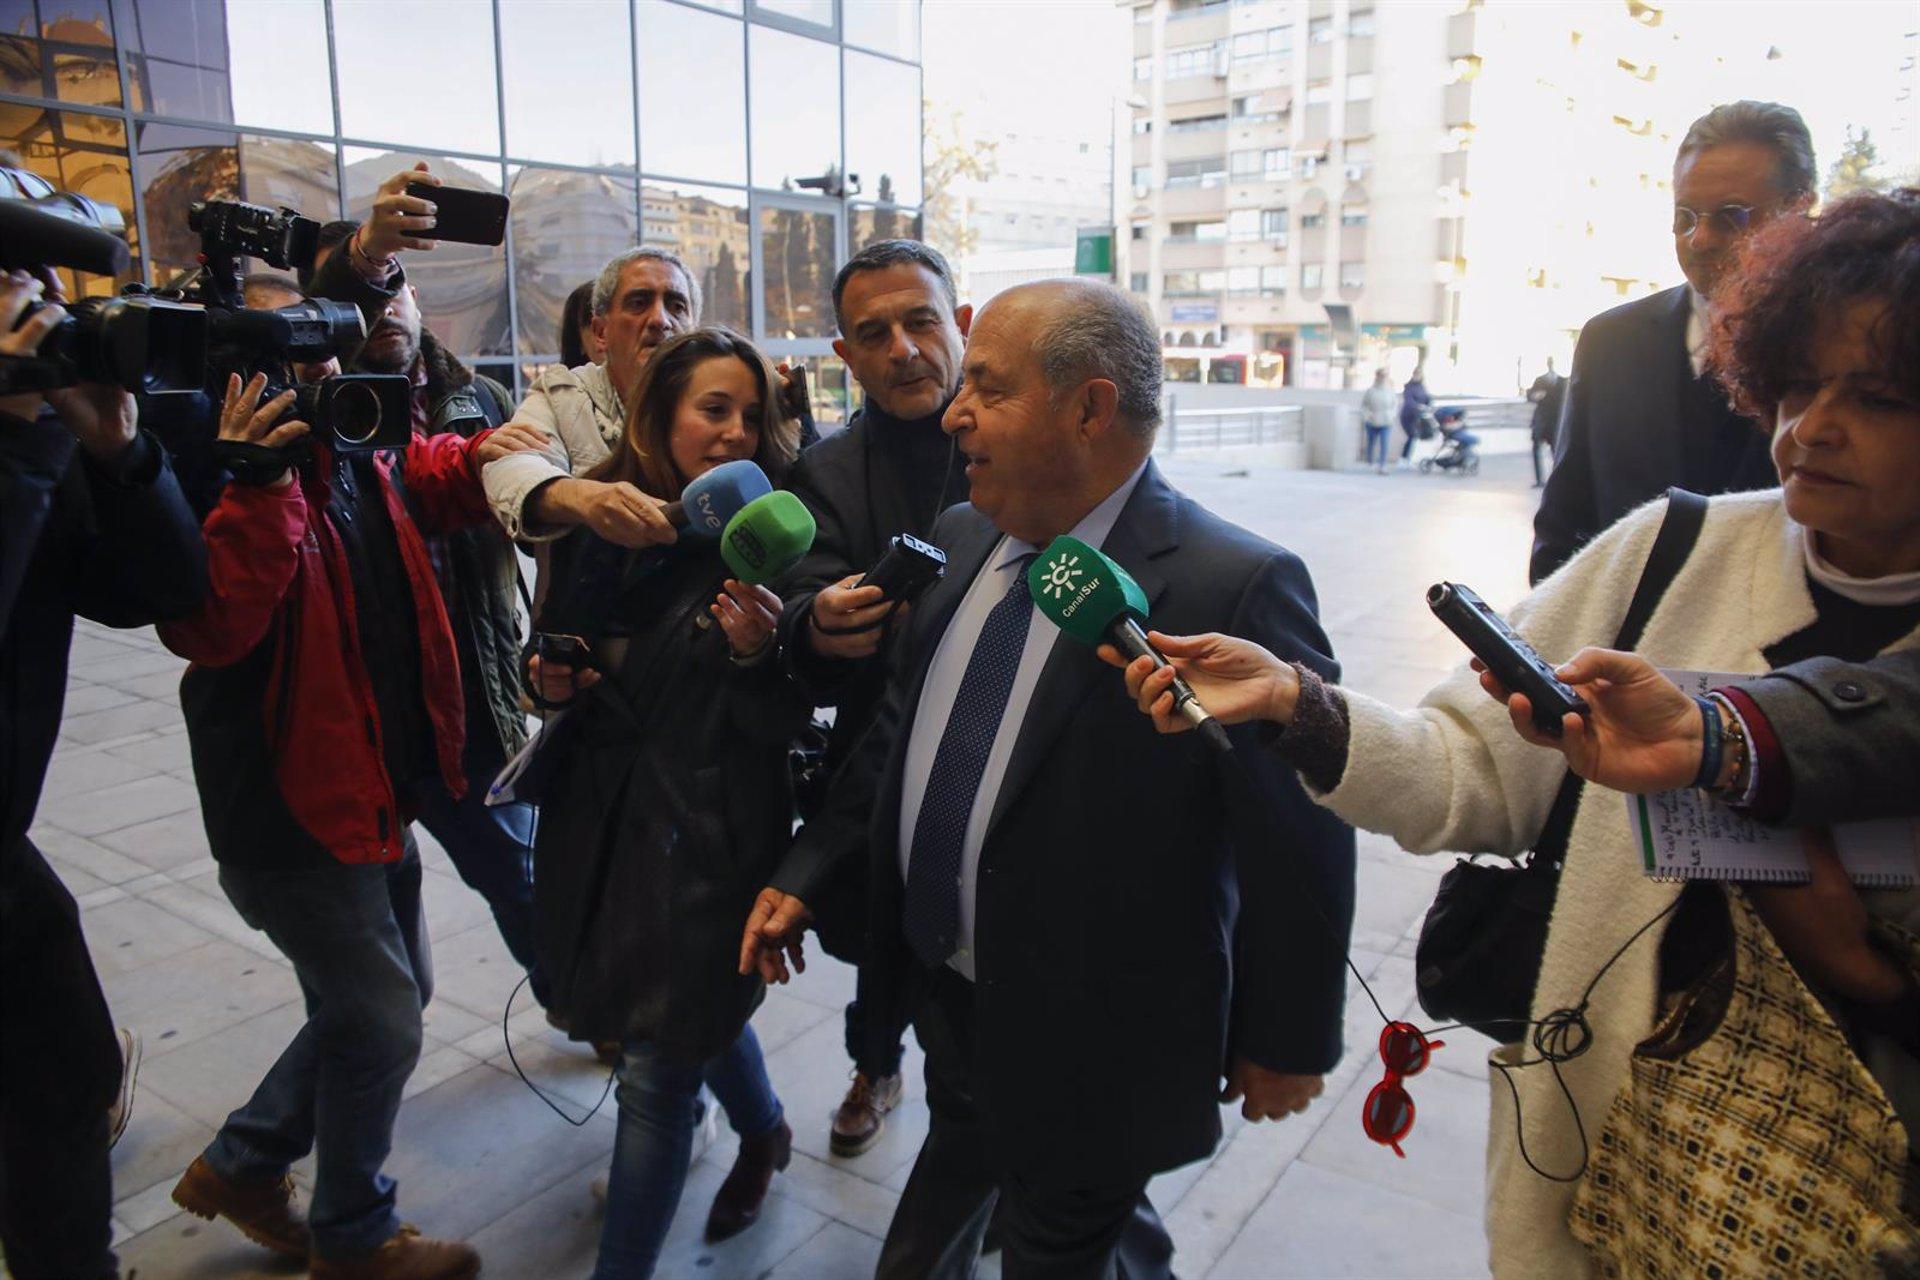 El Juzgado de lo Penal 1 juzgará a Torres Hurtado por la pieza 'Obispo Hurtado' del caso Nazarí